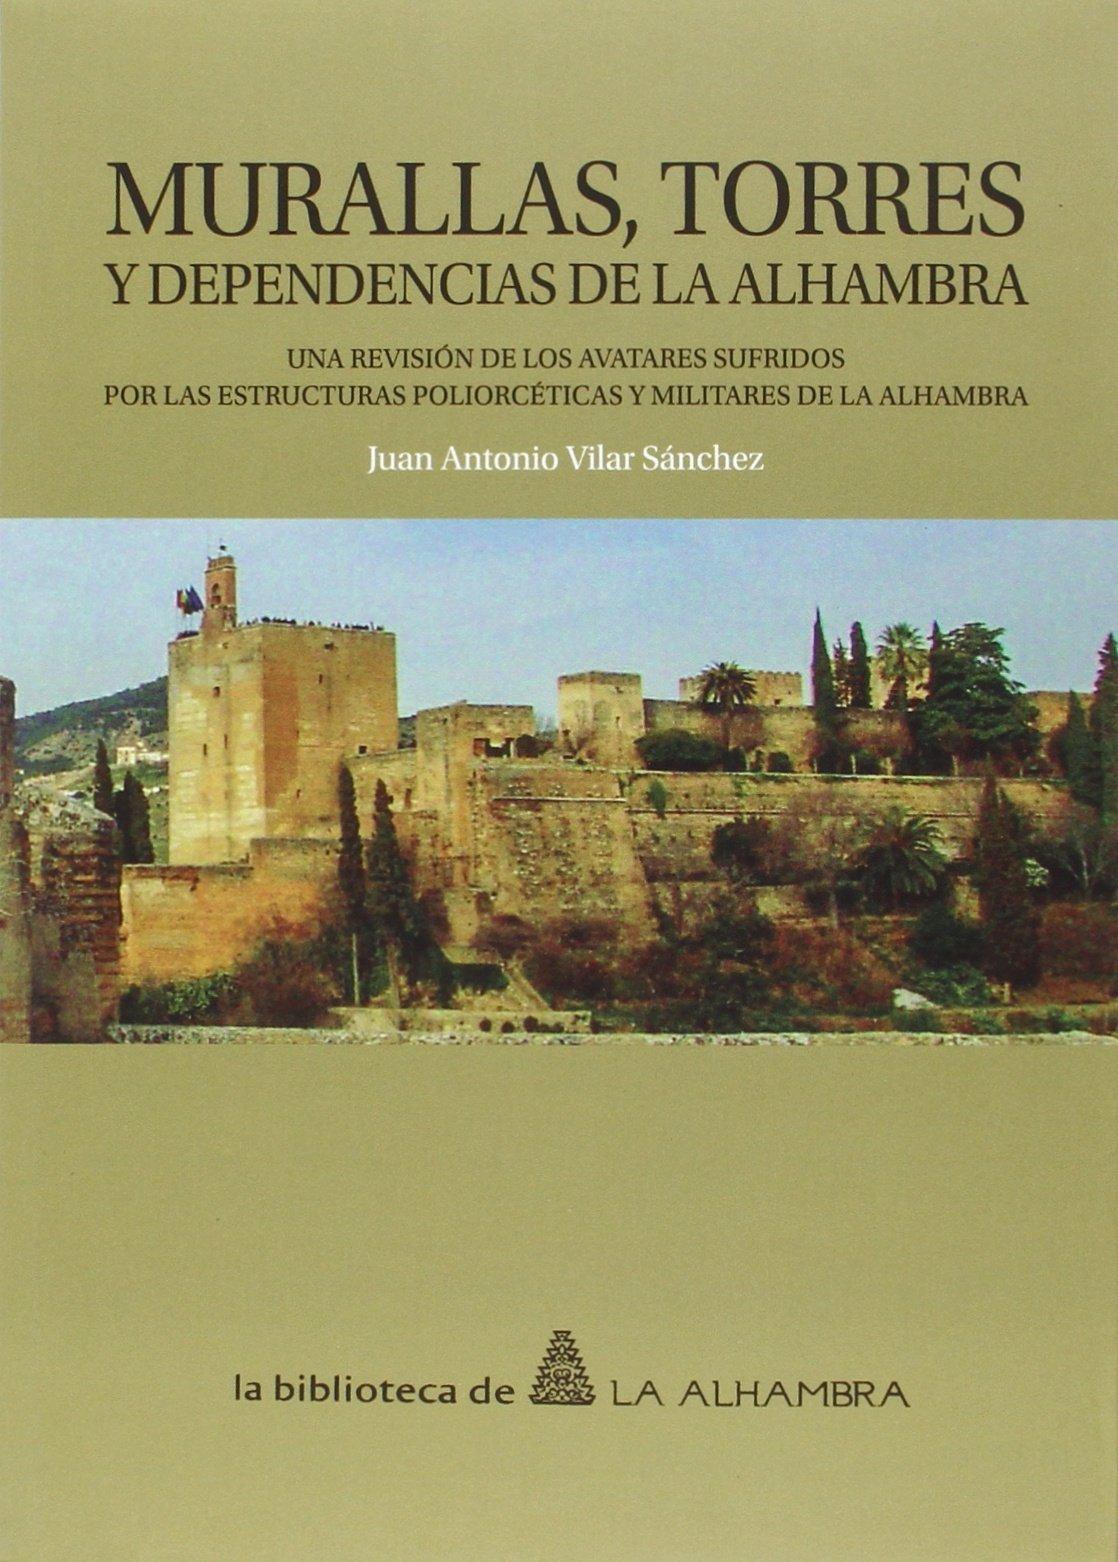 N.º 5. Murallas, torres y dependencias de la Alhambra